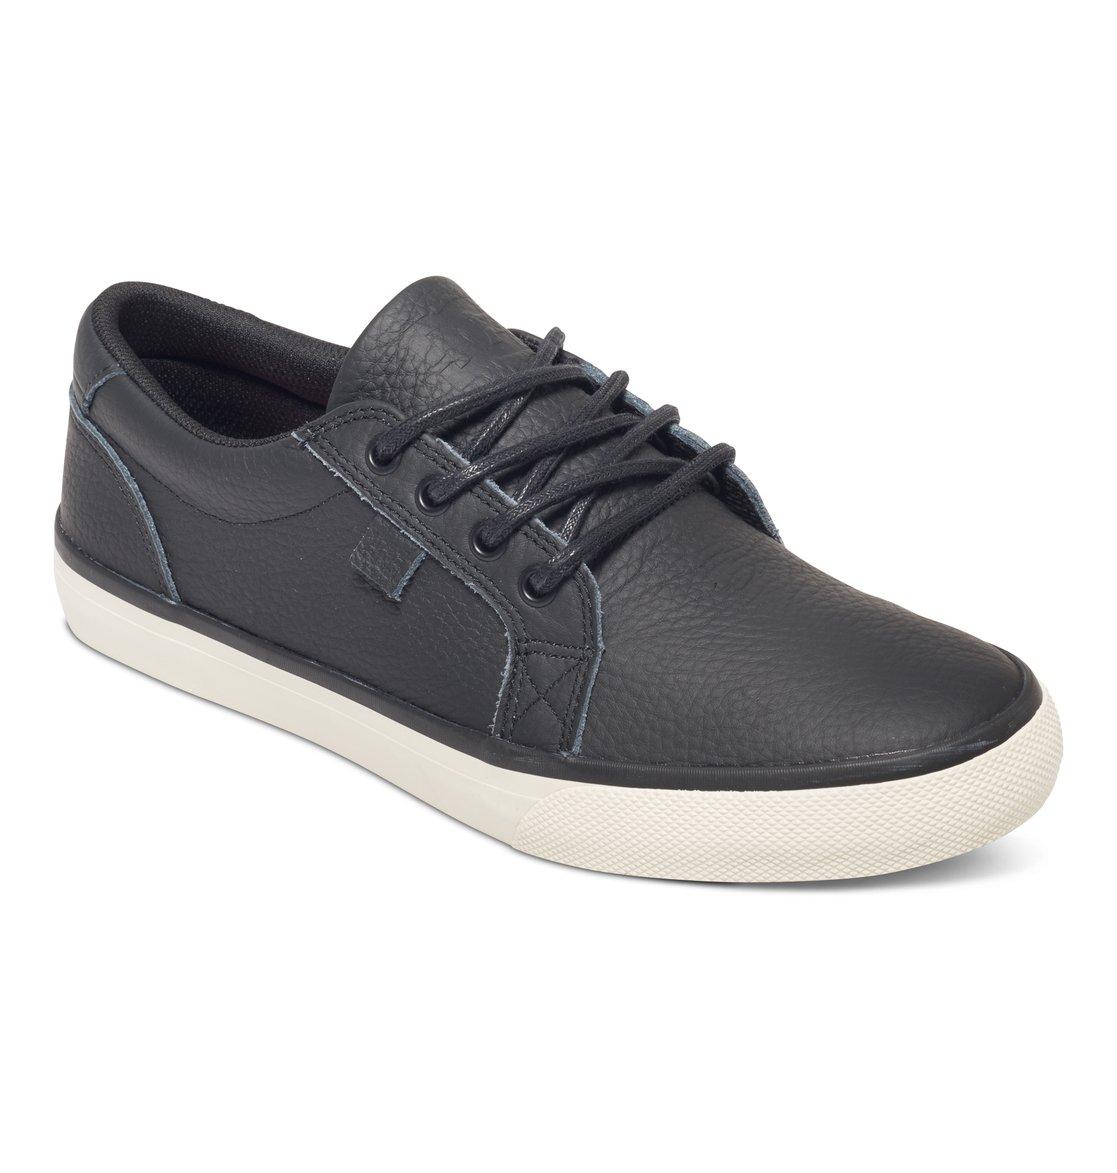 7cf7bfd2860d 1 Men s Council LE Shoes ADYS300077 DC Shoes